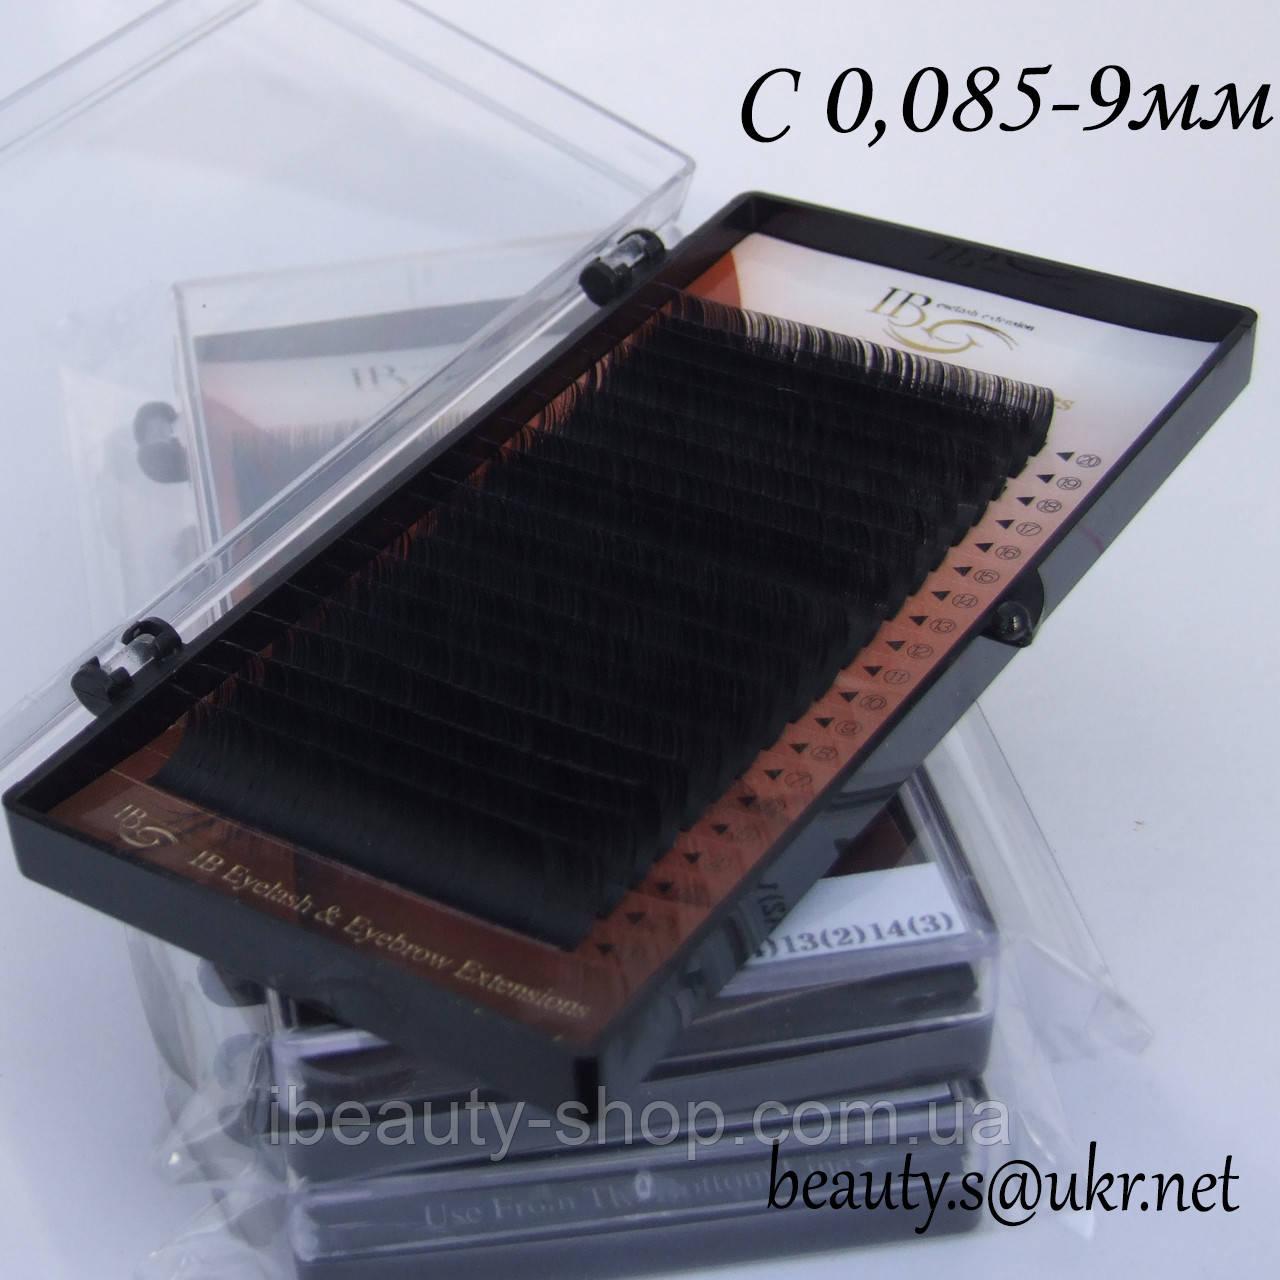 Ресницы I-Beauty на ленте C-0,085 9мм